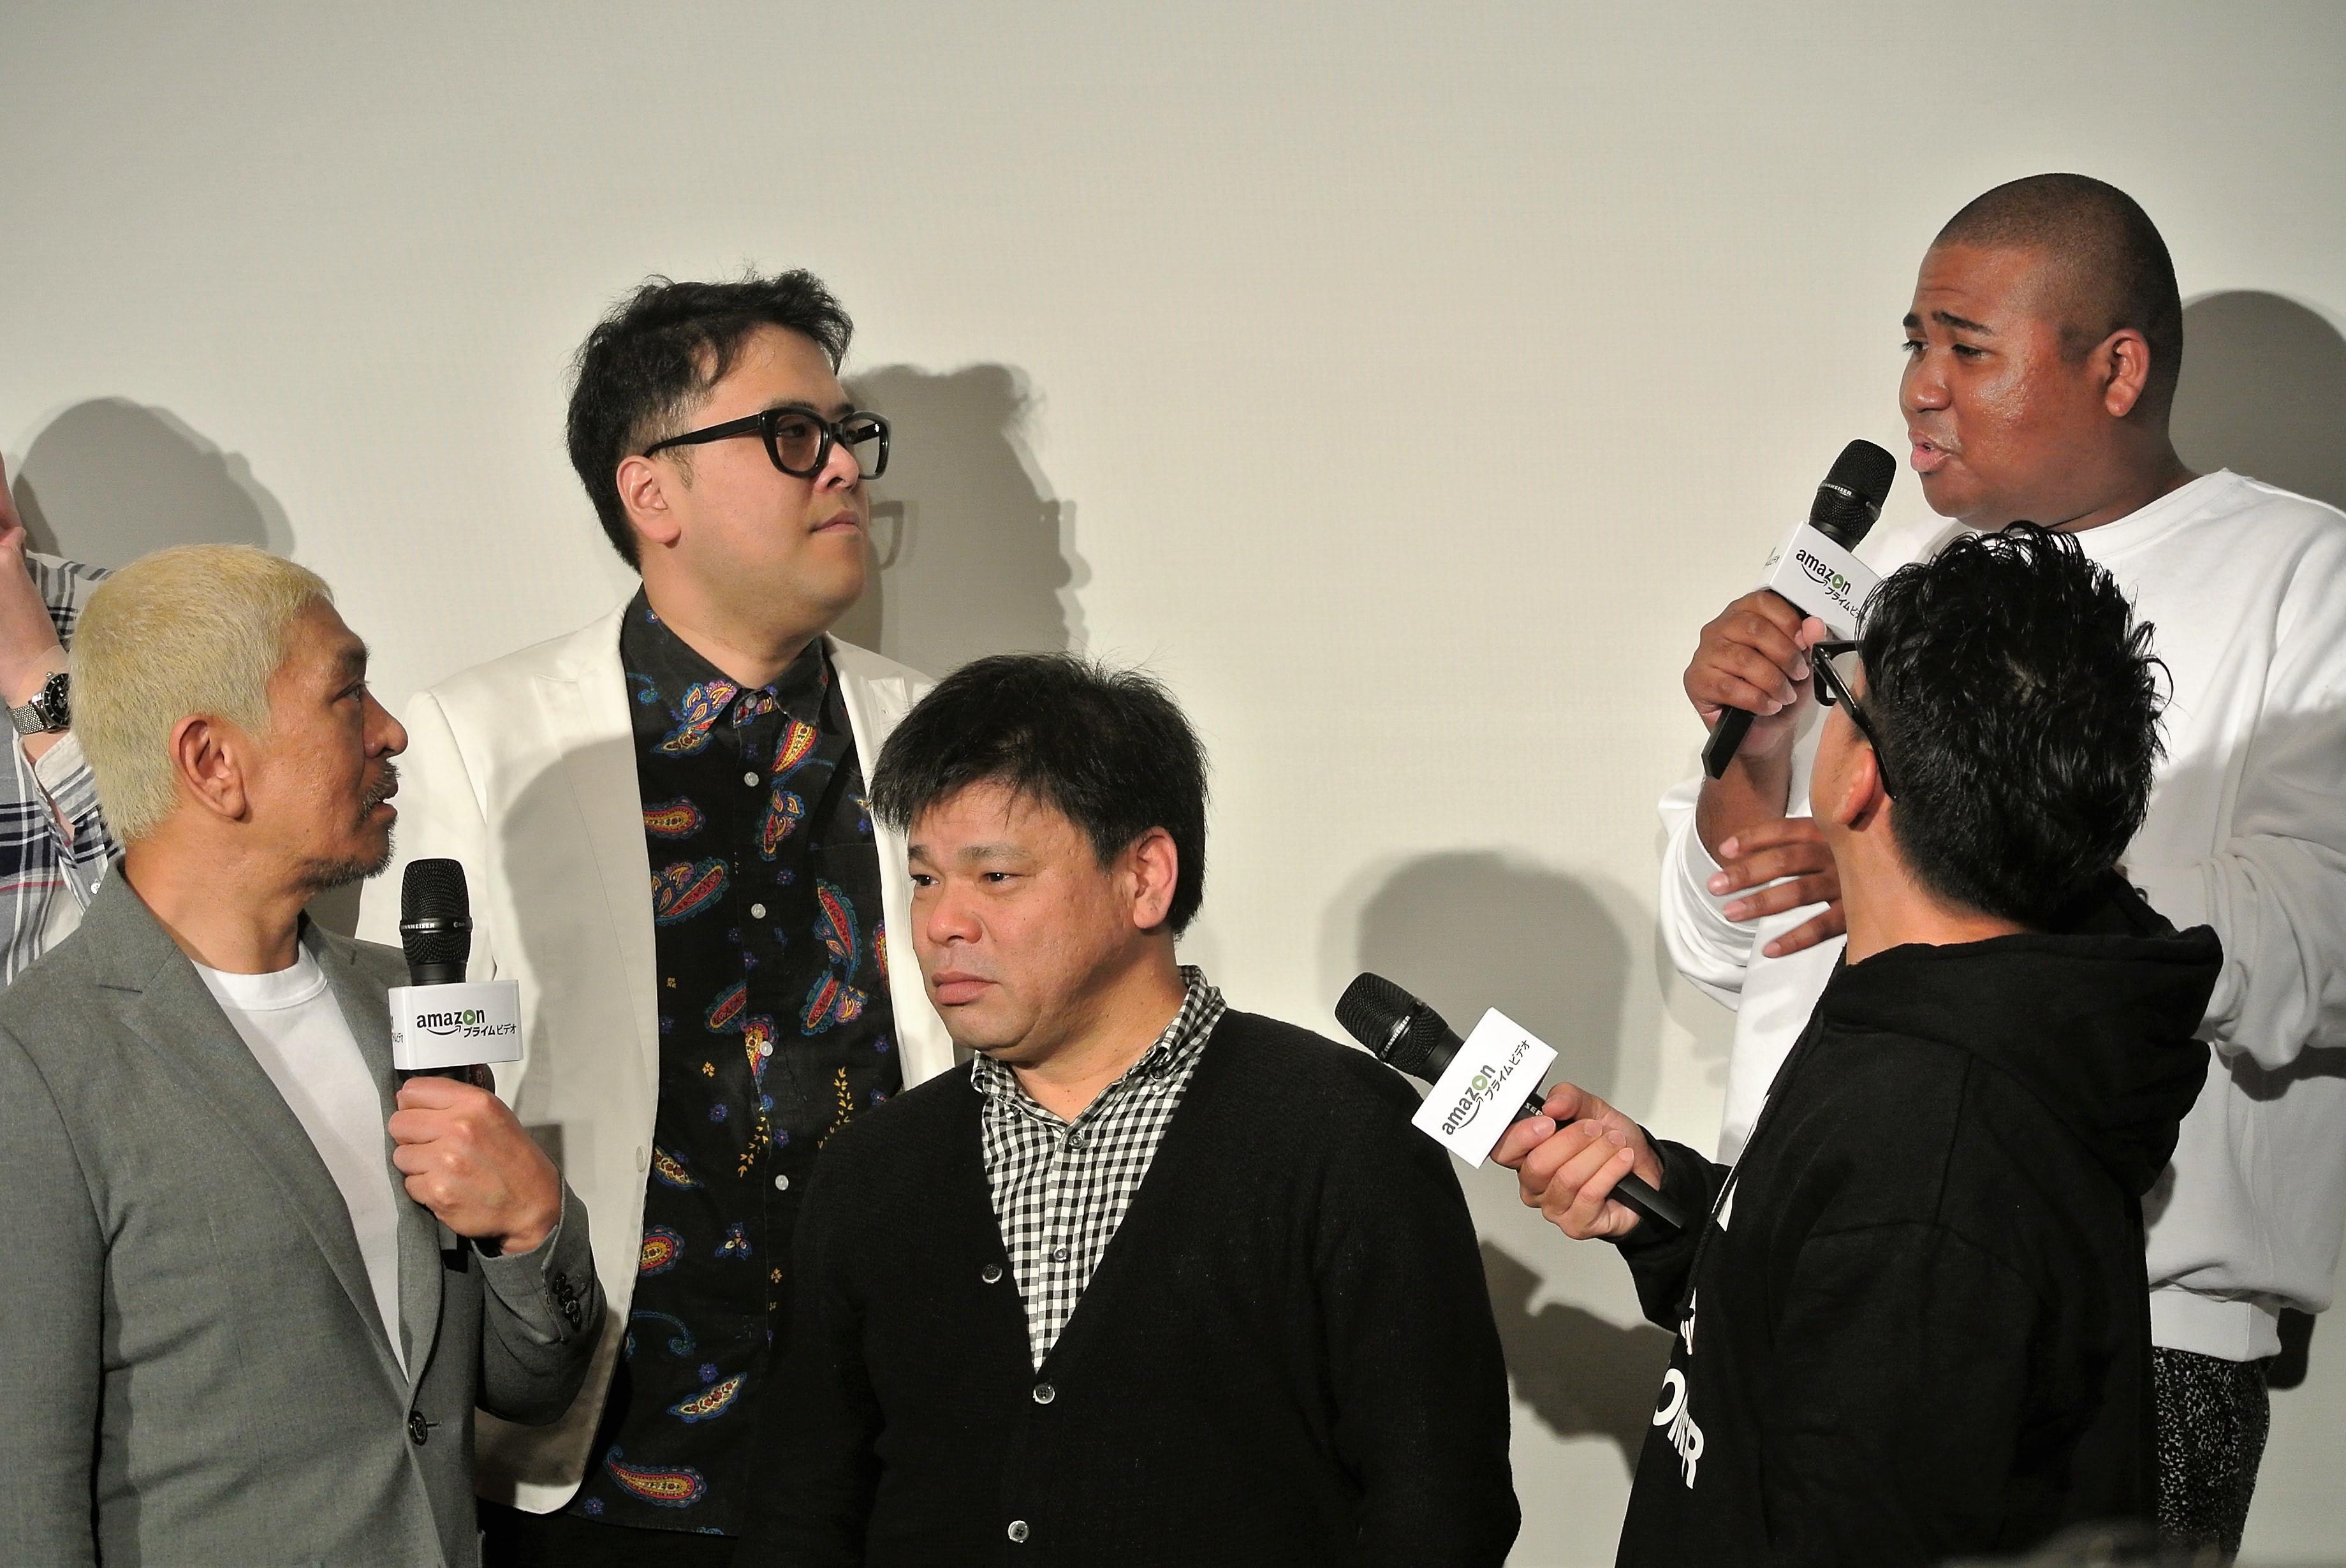 http://news.yoshimoto.co.jp/20161130233136-b714e95e24eaeaead54ba51bebc9050f1bc3a44a.jpg